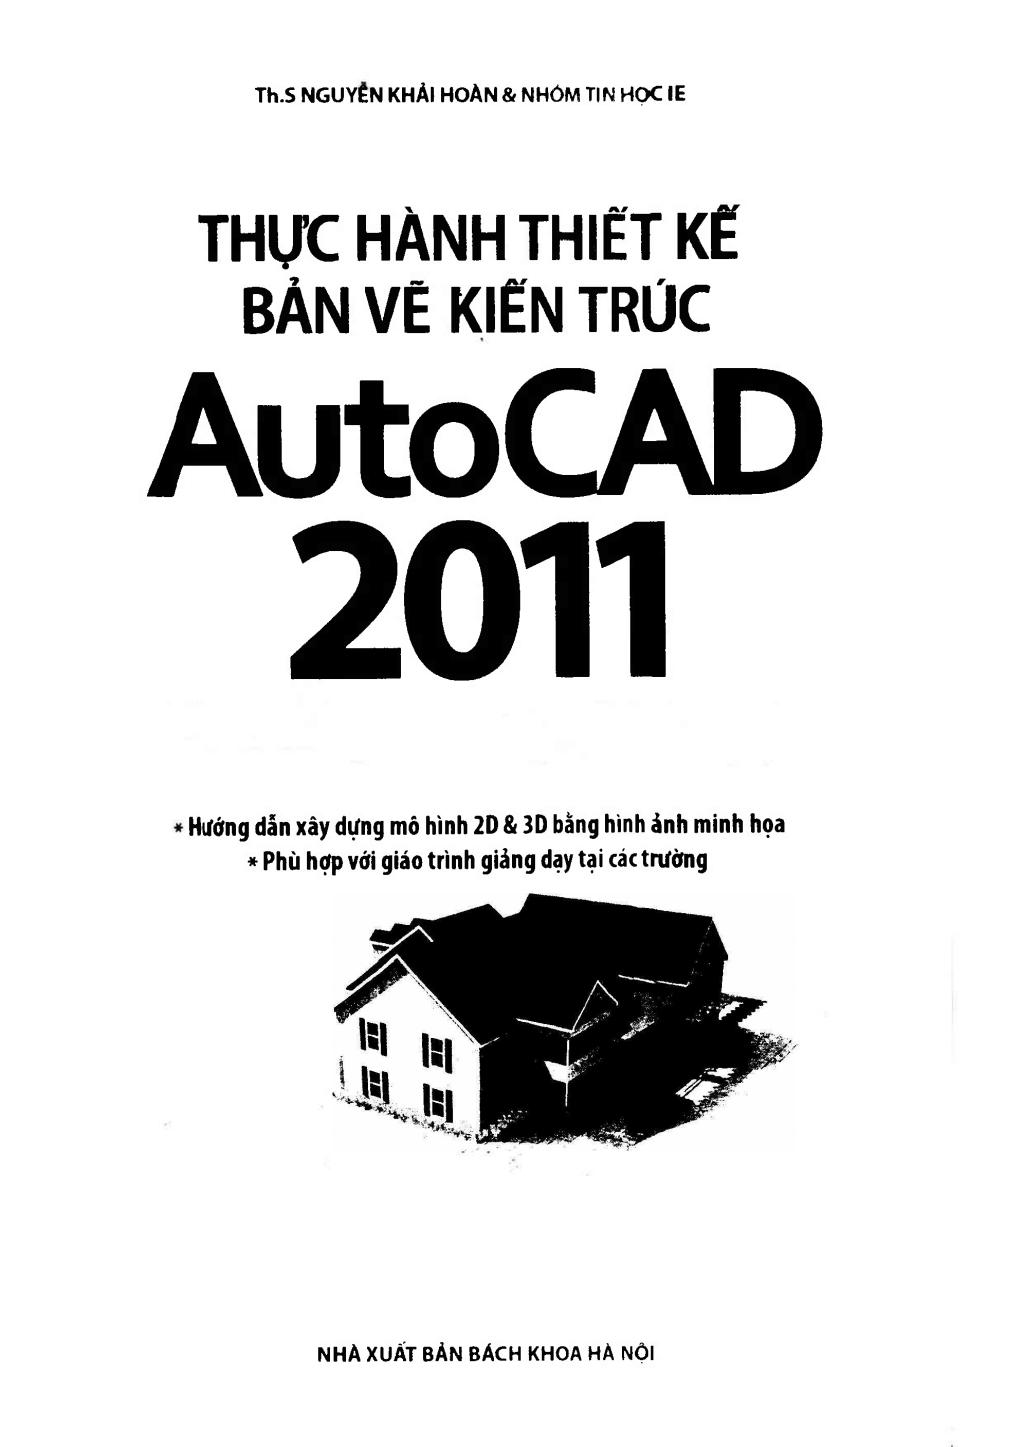 Thực hành thiết kế bản vẽ kiến trúc AutoCAD 2011: Phần 1 - ThS. Nguyễn Khải Hoàn & Nhóm Tin học IE